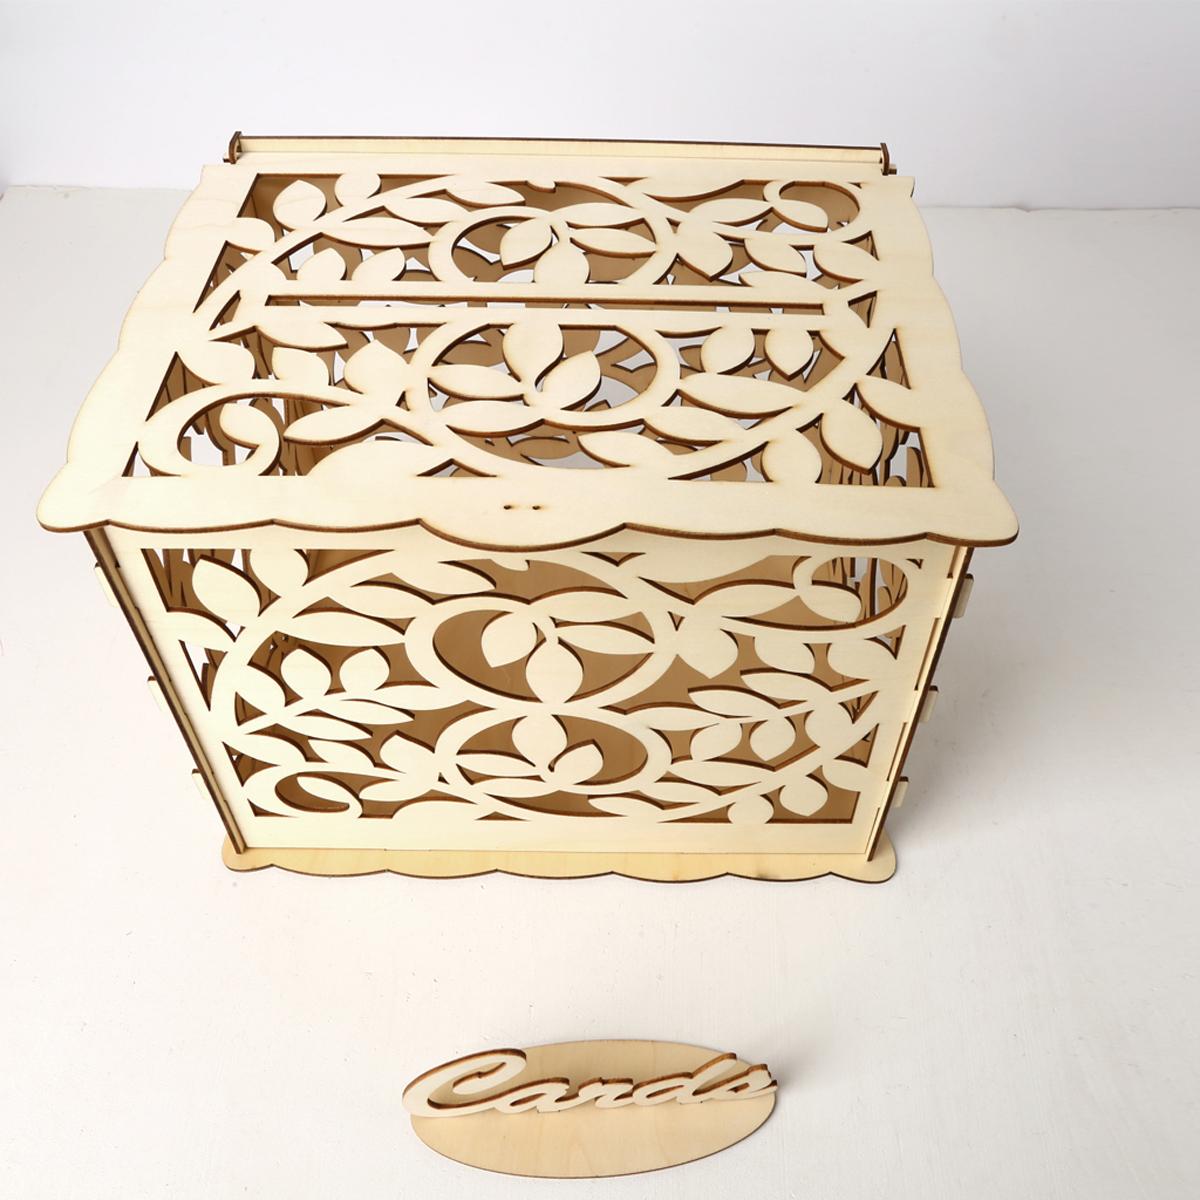 Wedding Gift Card Box Diy: Wedding Card Box With Lock Diy Money Wooden Gift Leaf